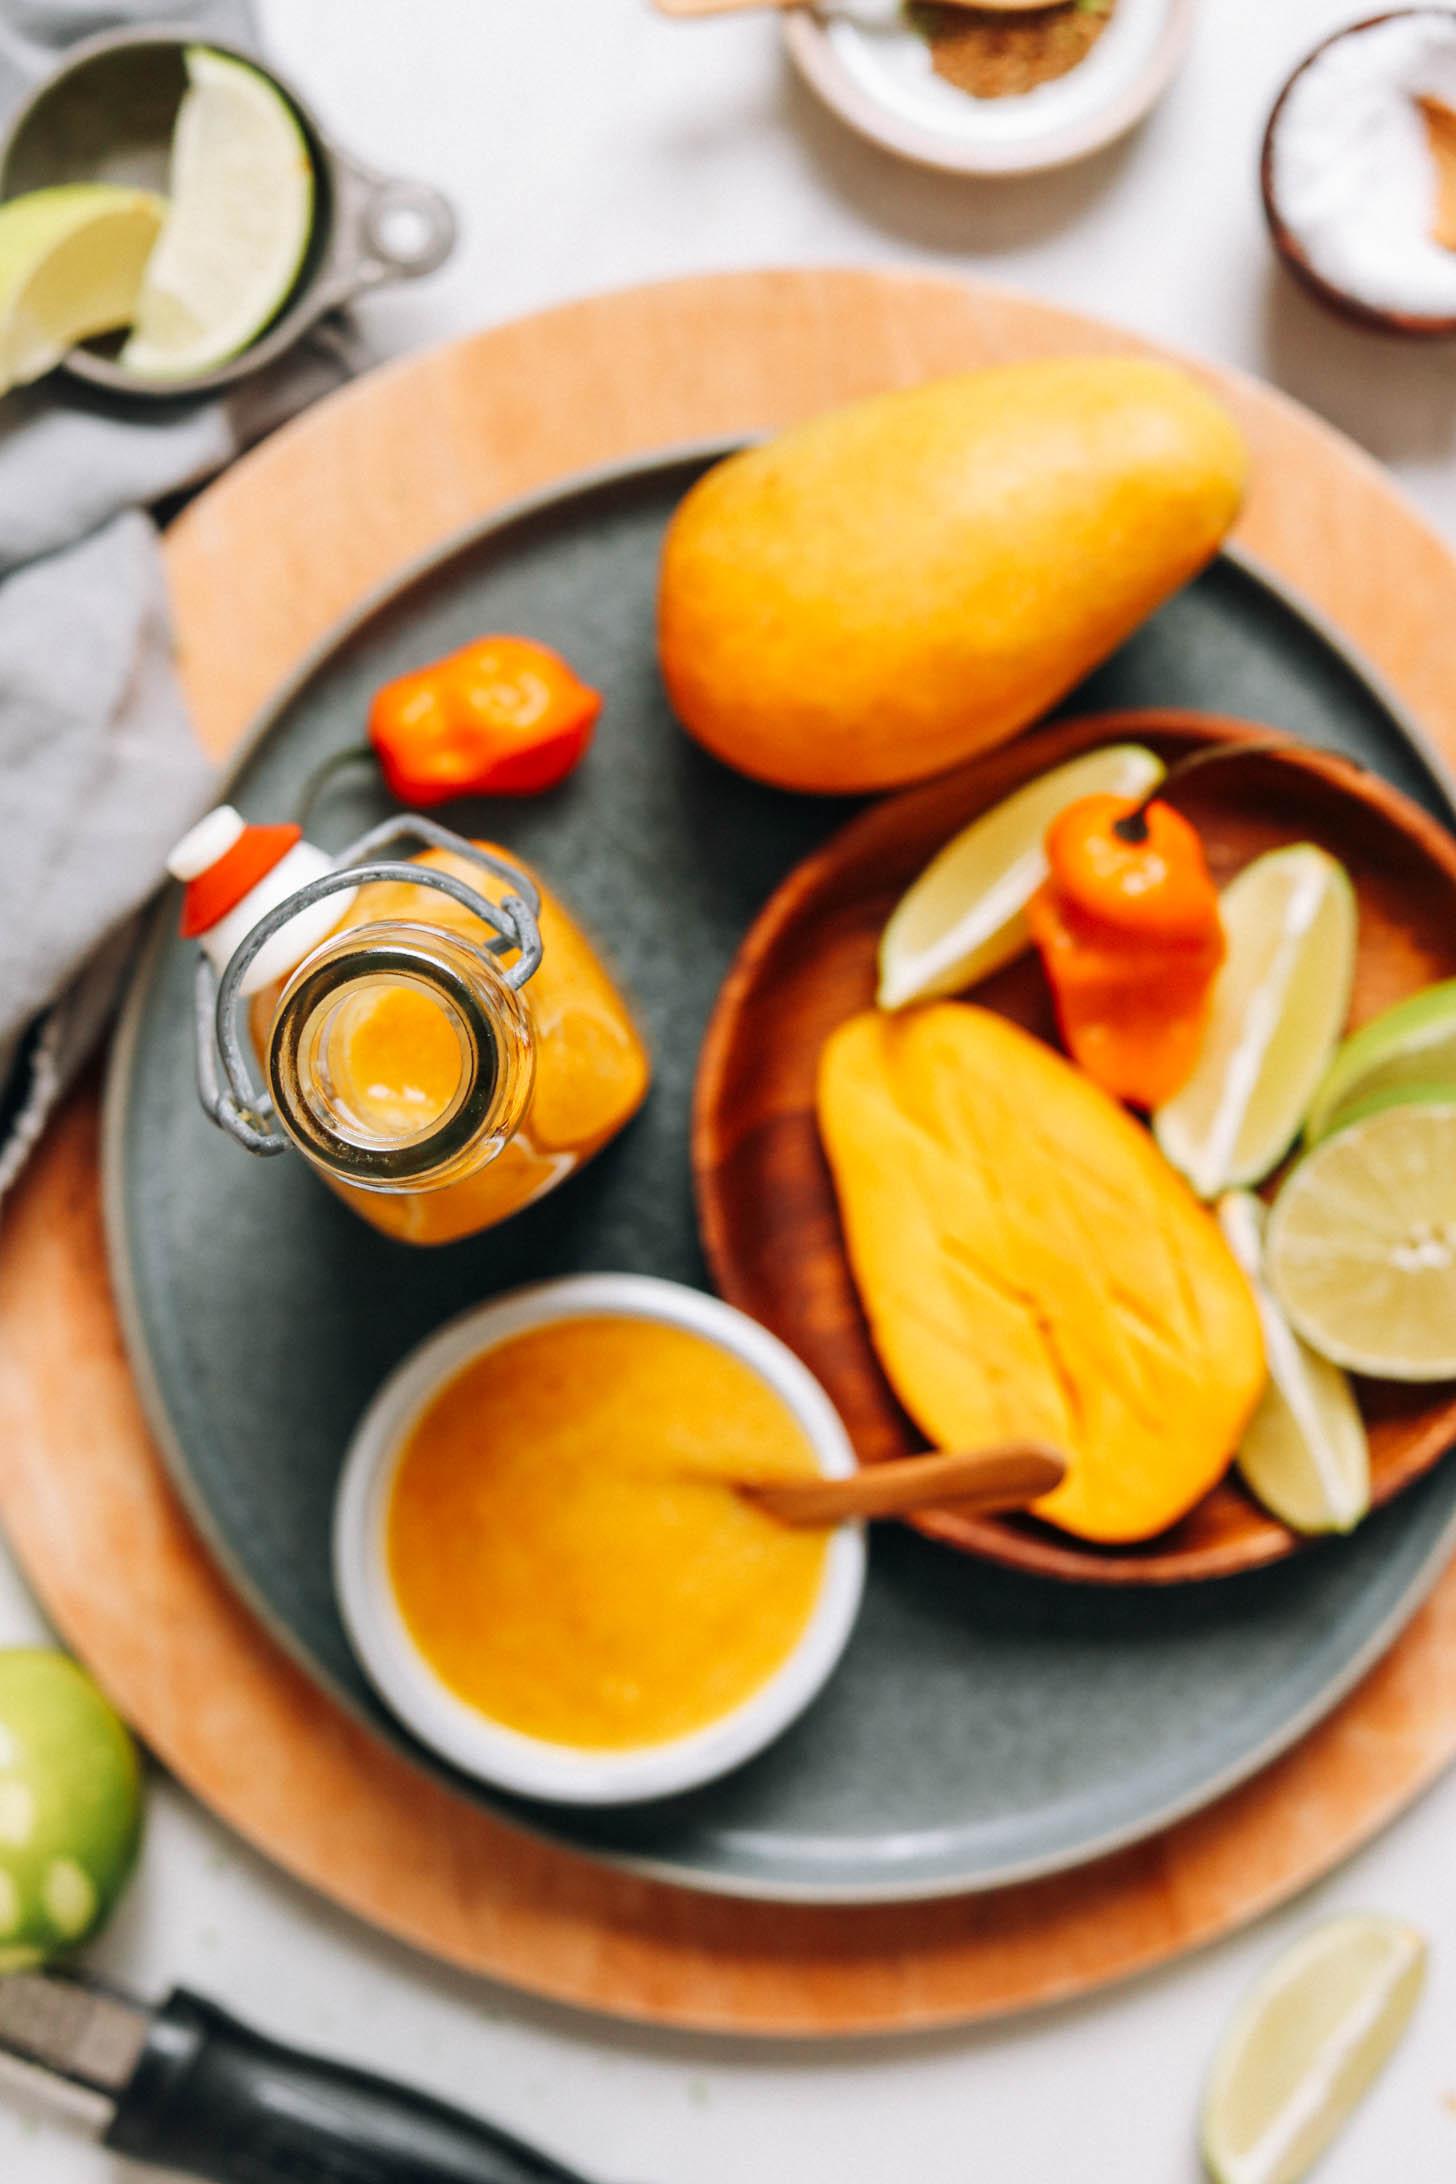 Üveg és tál mangó habanero forró mártással az elkészítéshez használt hozzávalók mellett